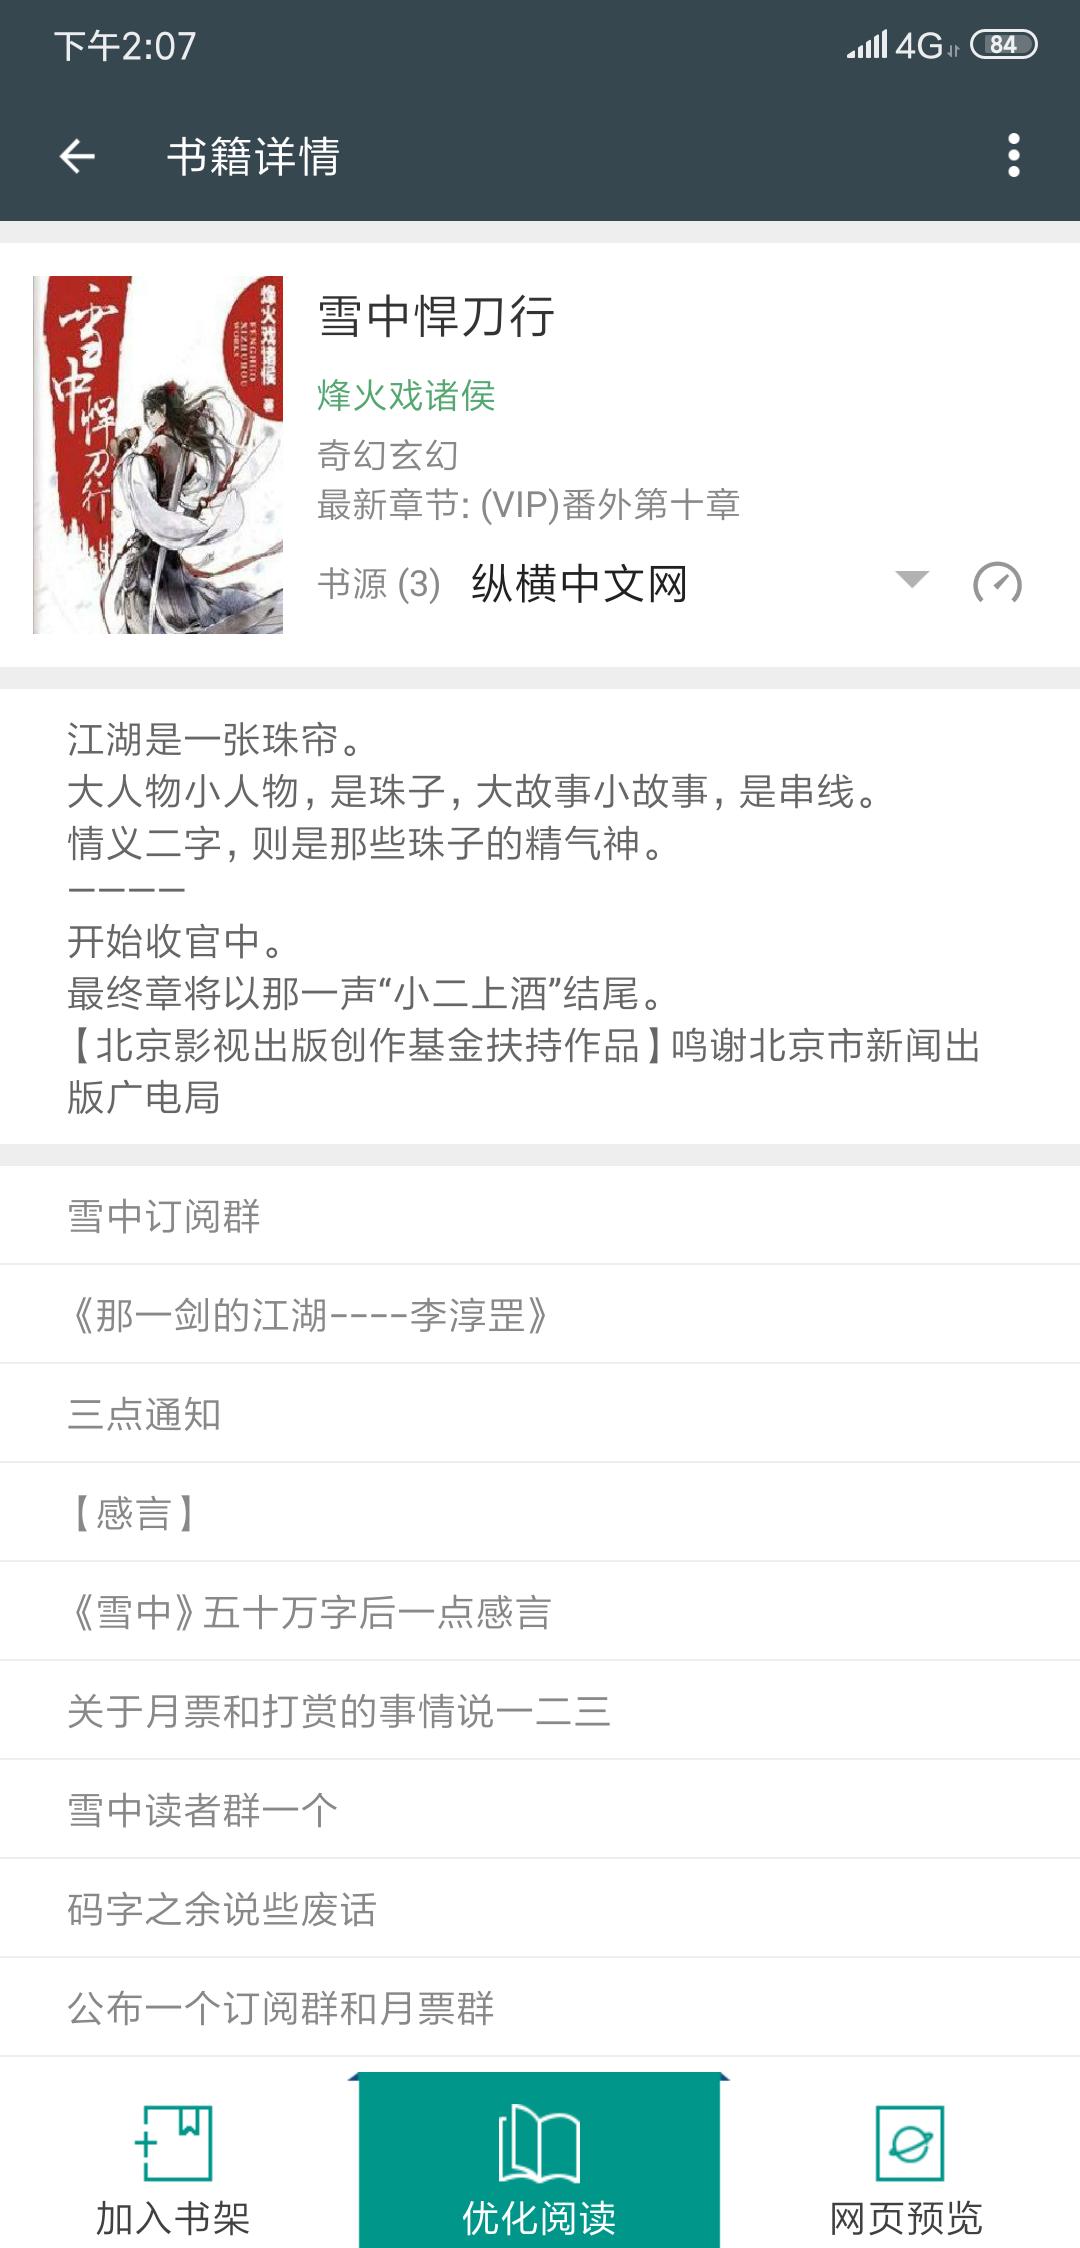 【分享】搜书大师修改版